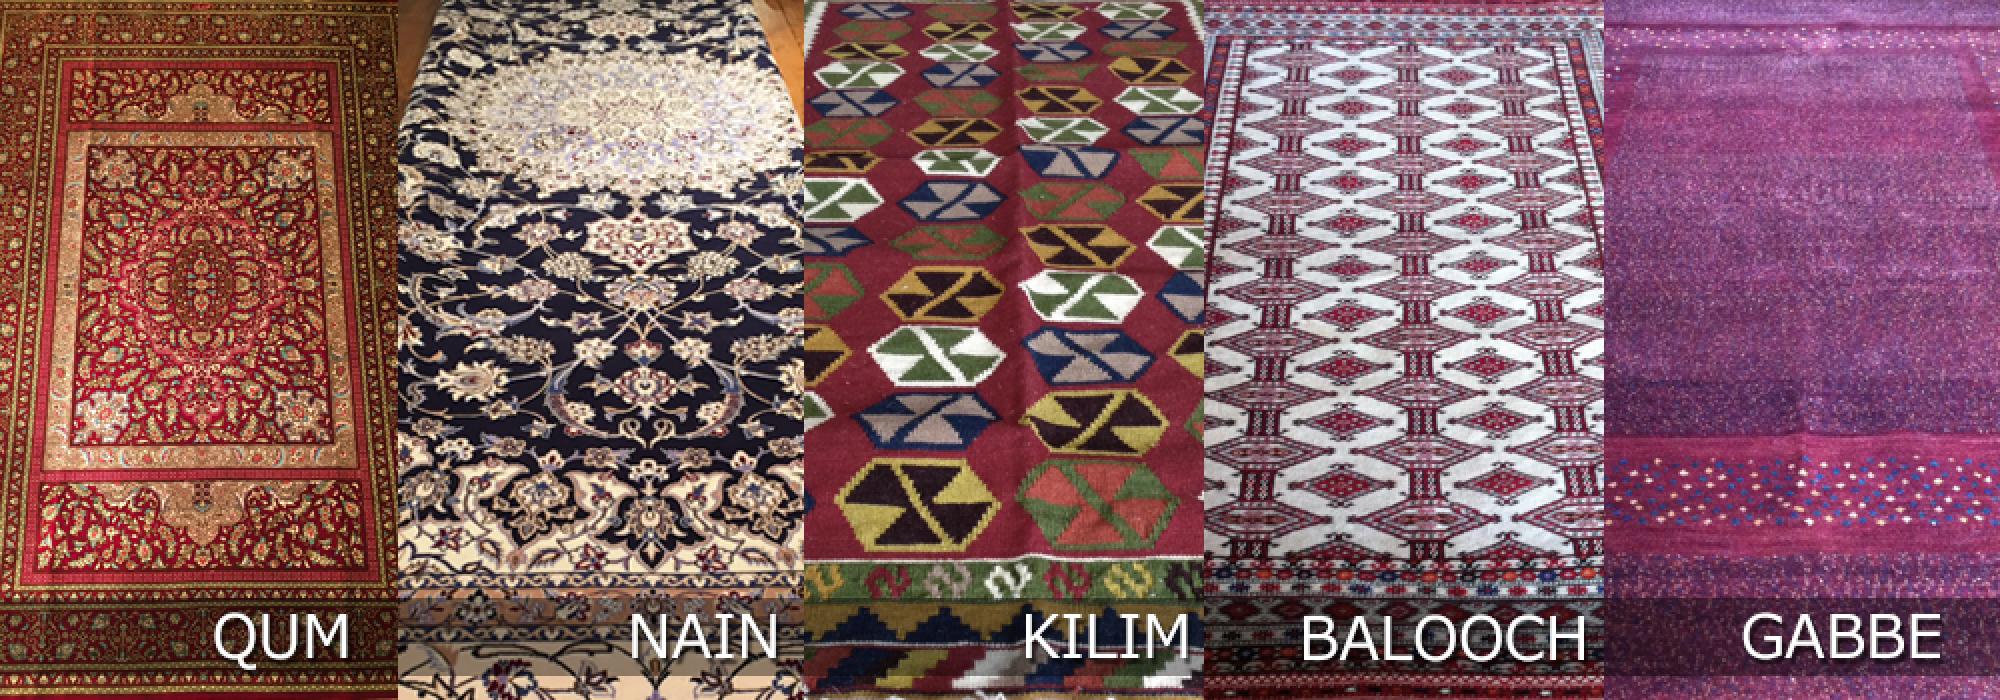 ペルシャ絨毯のアーリアカーペット